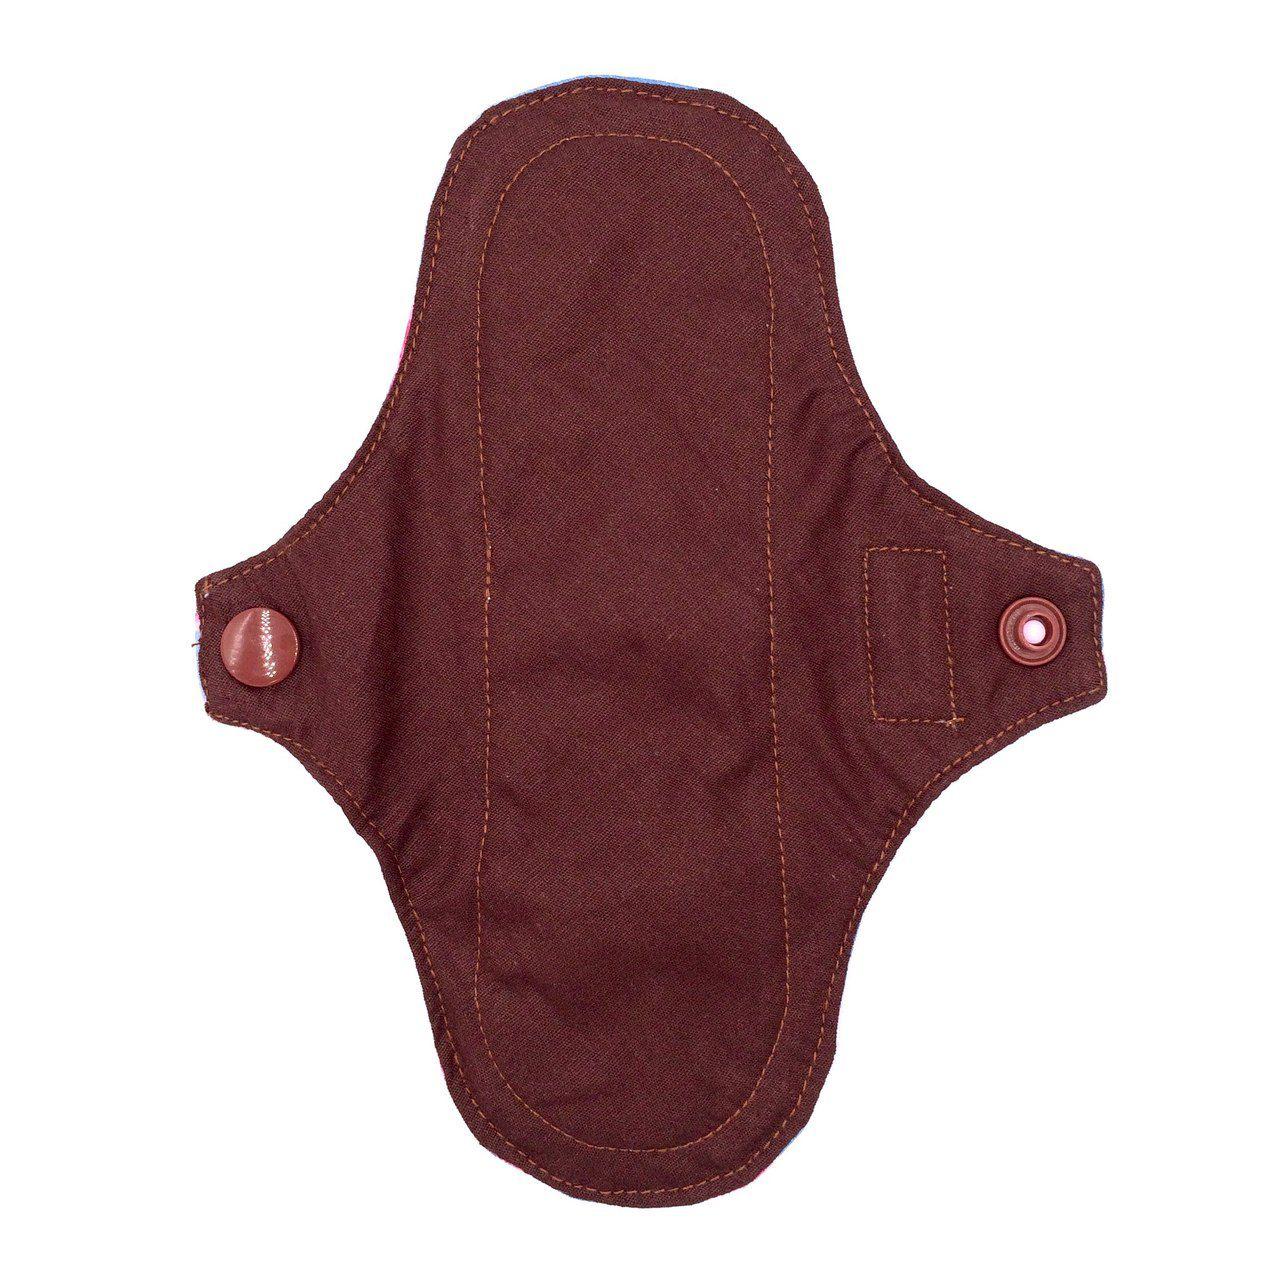 Kit Absorventes Reutilizáveis Korui Prático - Conforto Natural